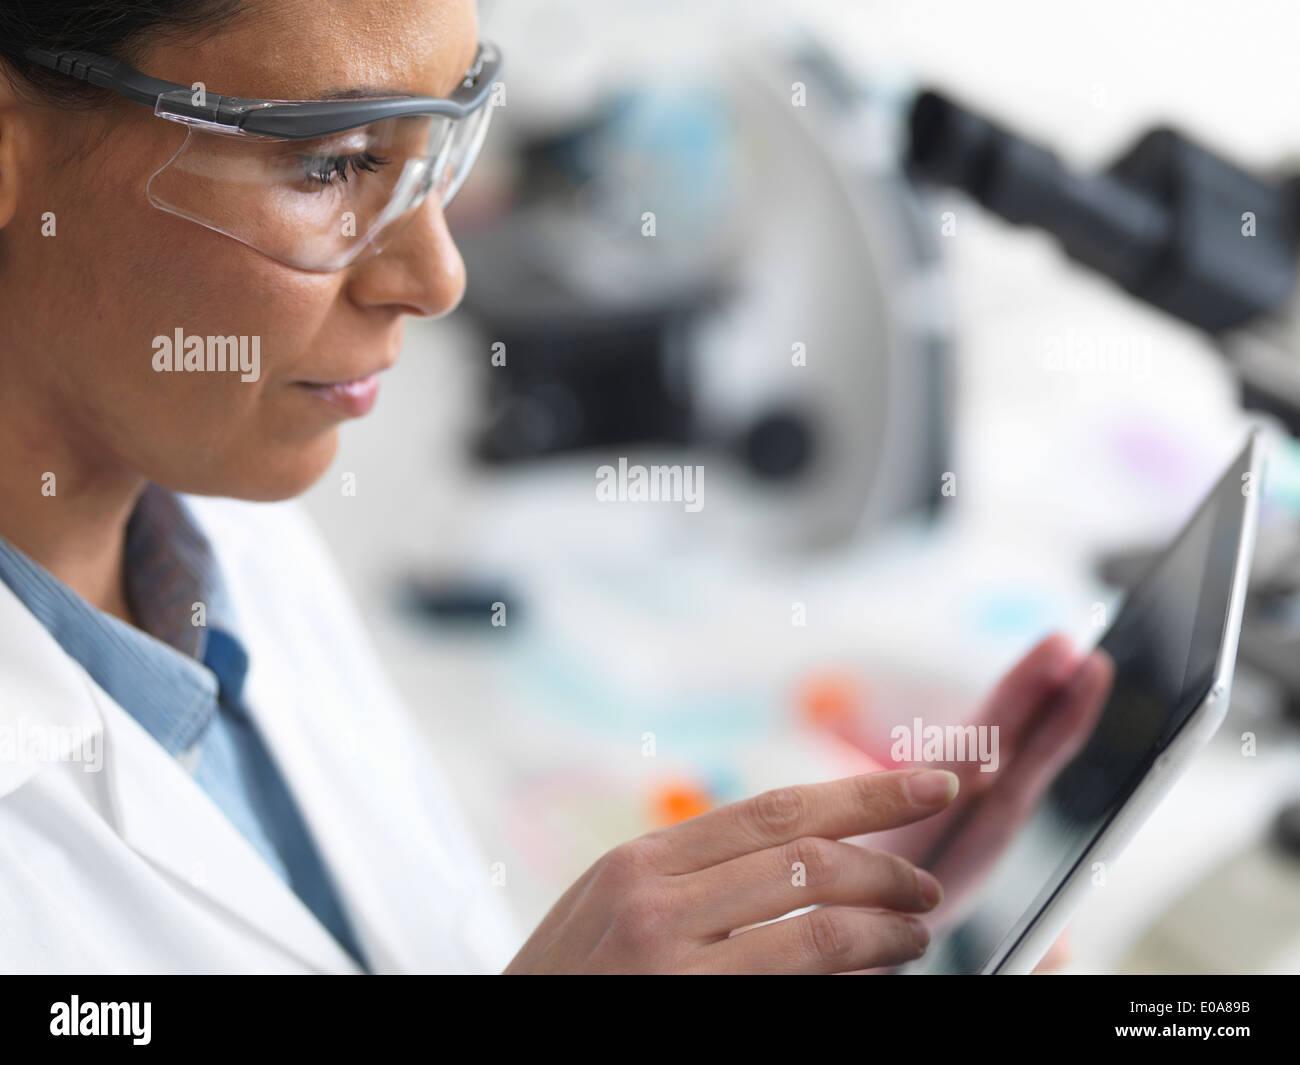 Investigadora ver resultados de pruebas en una tableta digital en el laboratorio Imagen De Stock